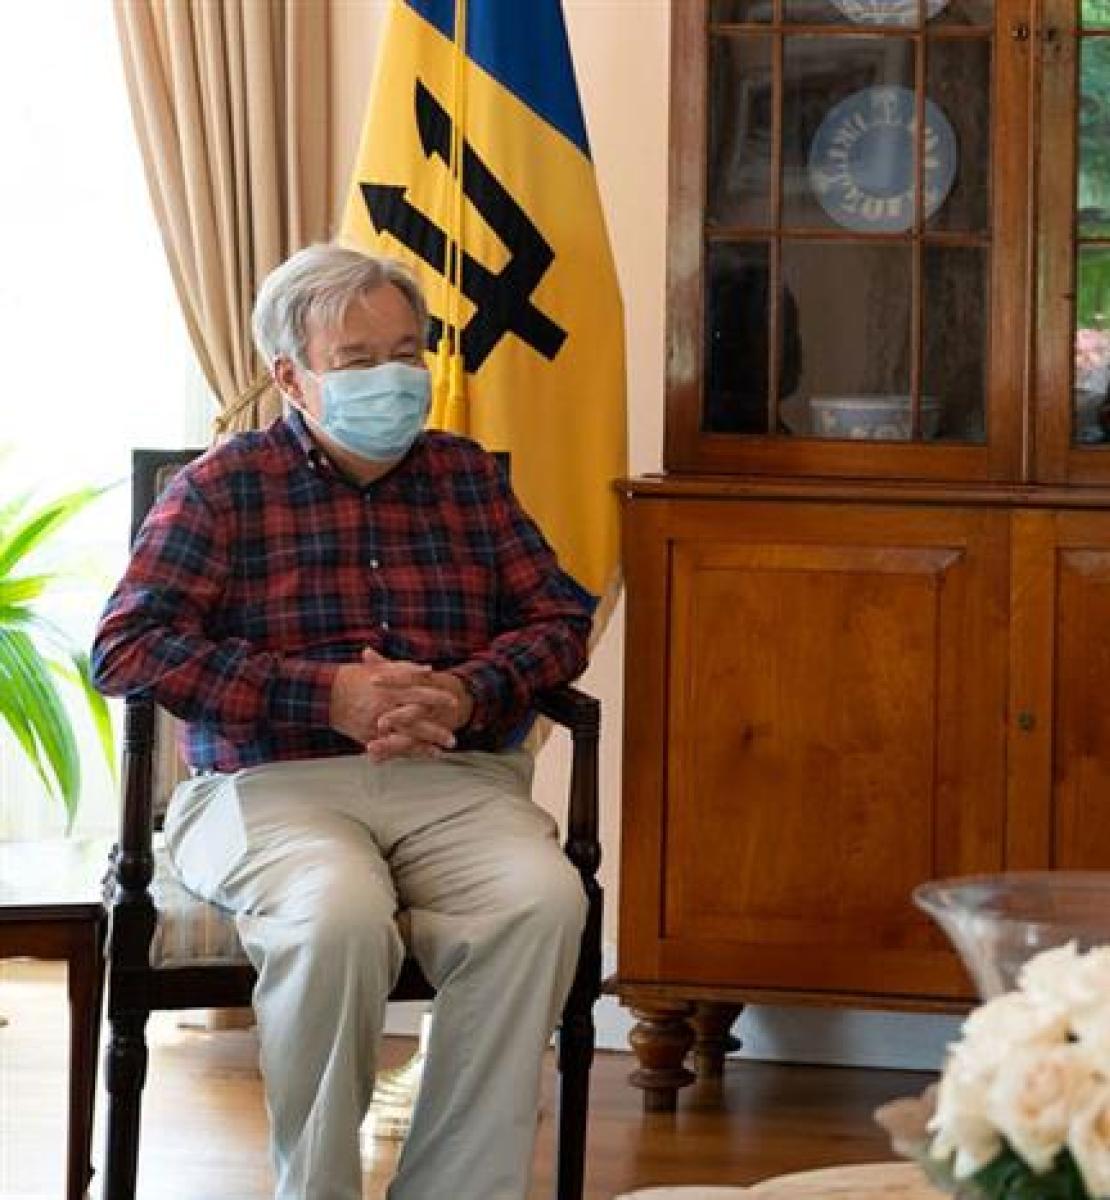 La Primer Ministro de Barbados y el Secretario General de las Naciones Unidas se sientan en sillas con las banderas de las Naciones Unidas y de Barbados detrás de ellos.